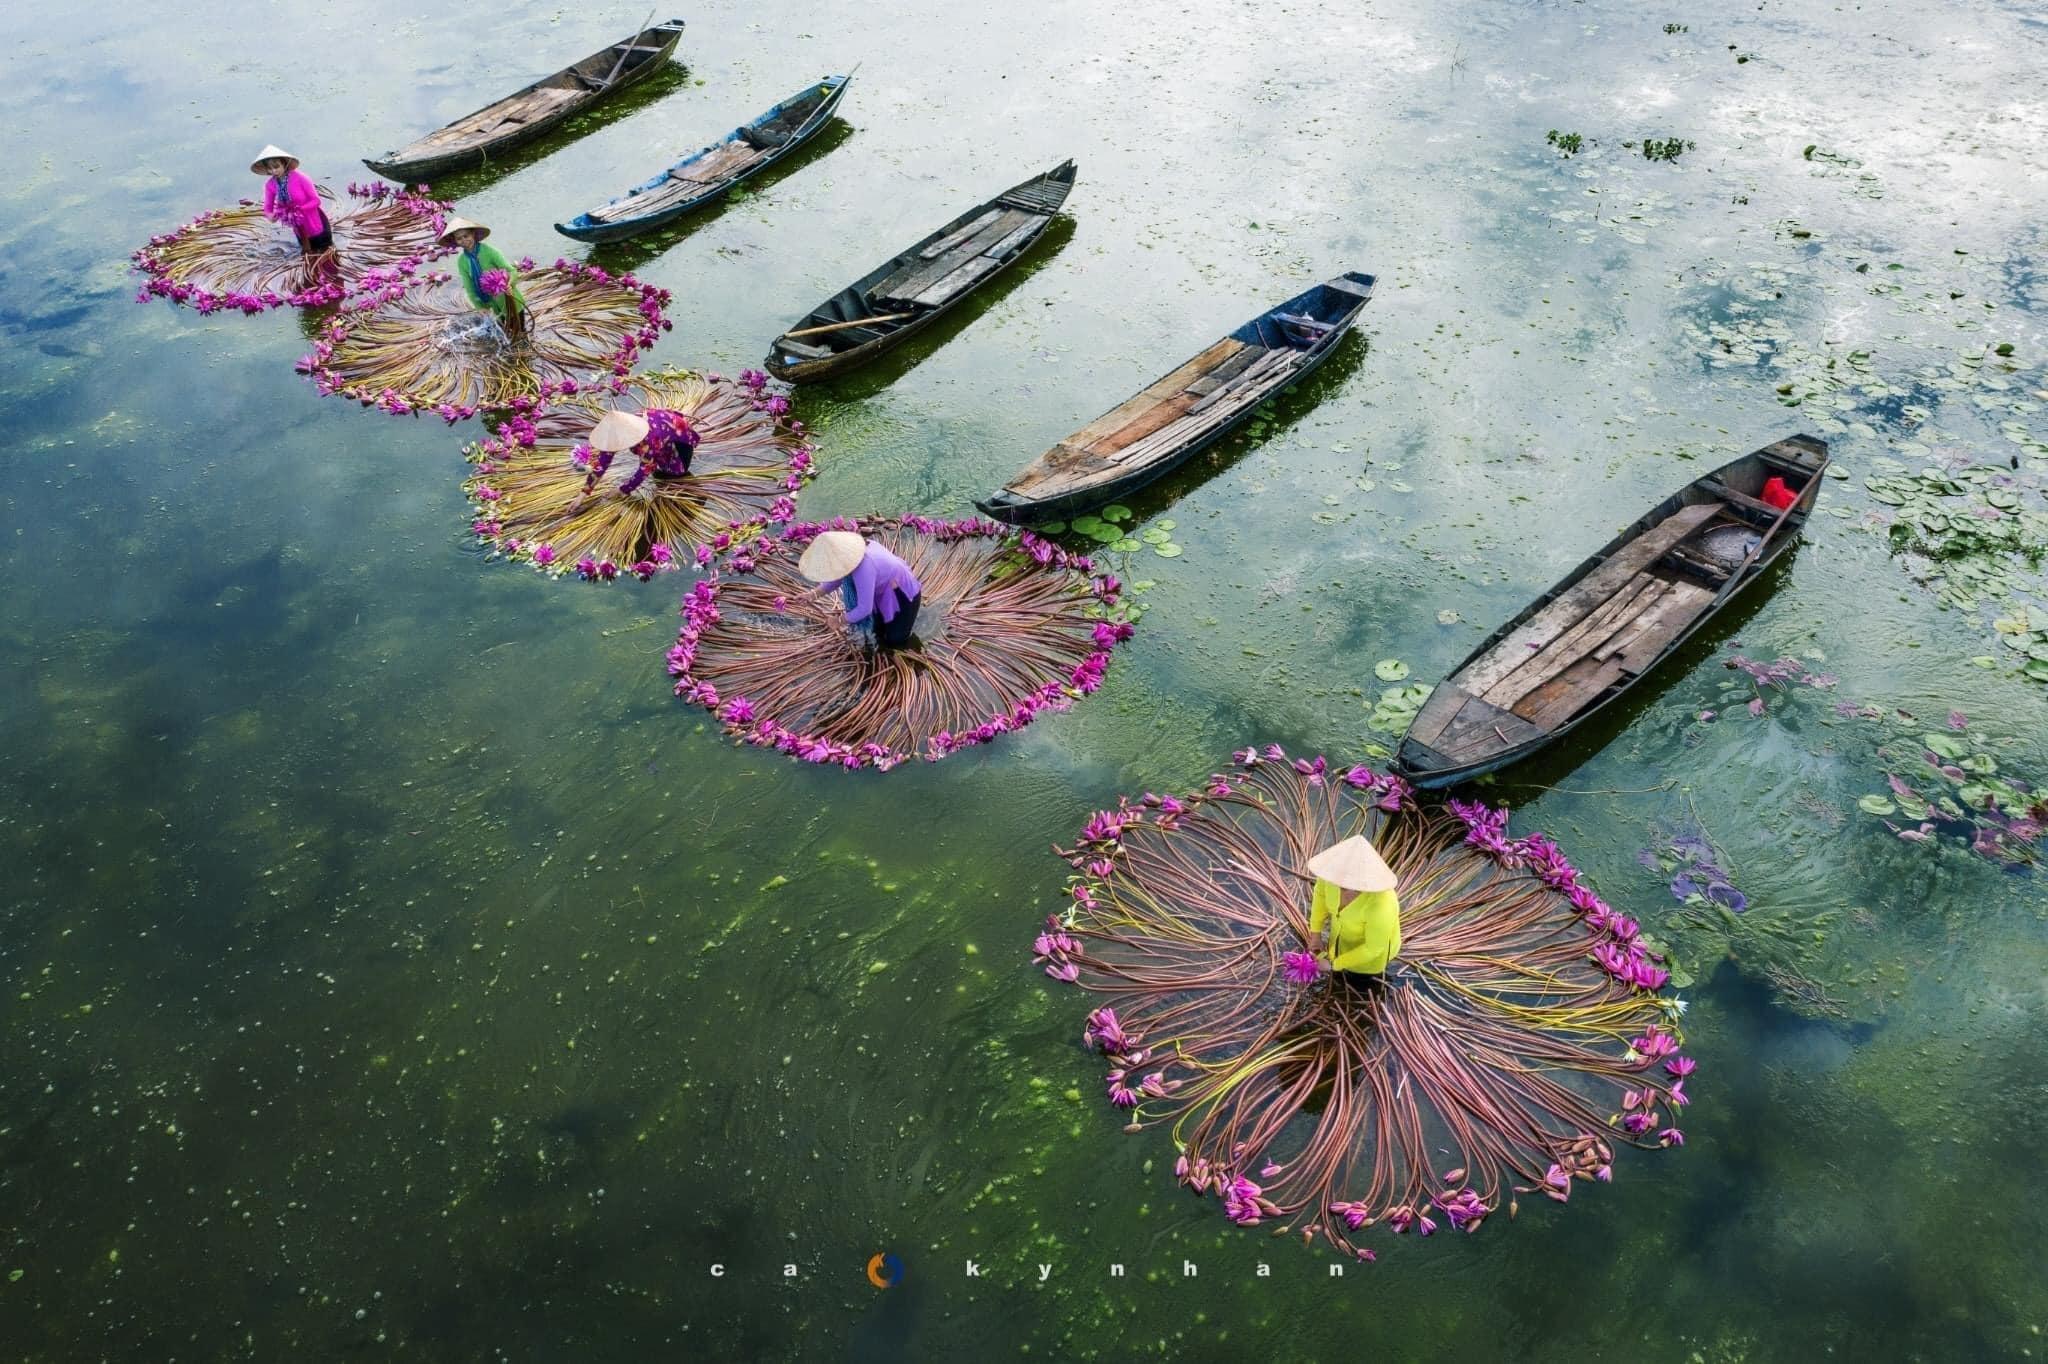 Chiêm ngưỡng Vẻ đẹp hoa súng mùa nước nổi ở Long An | 123ve.vn